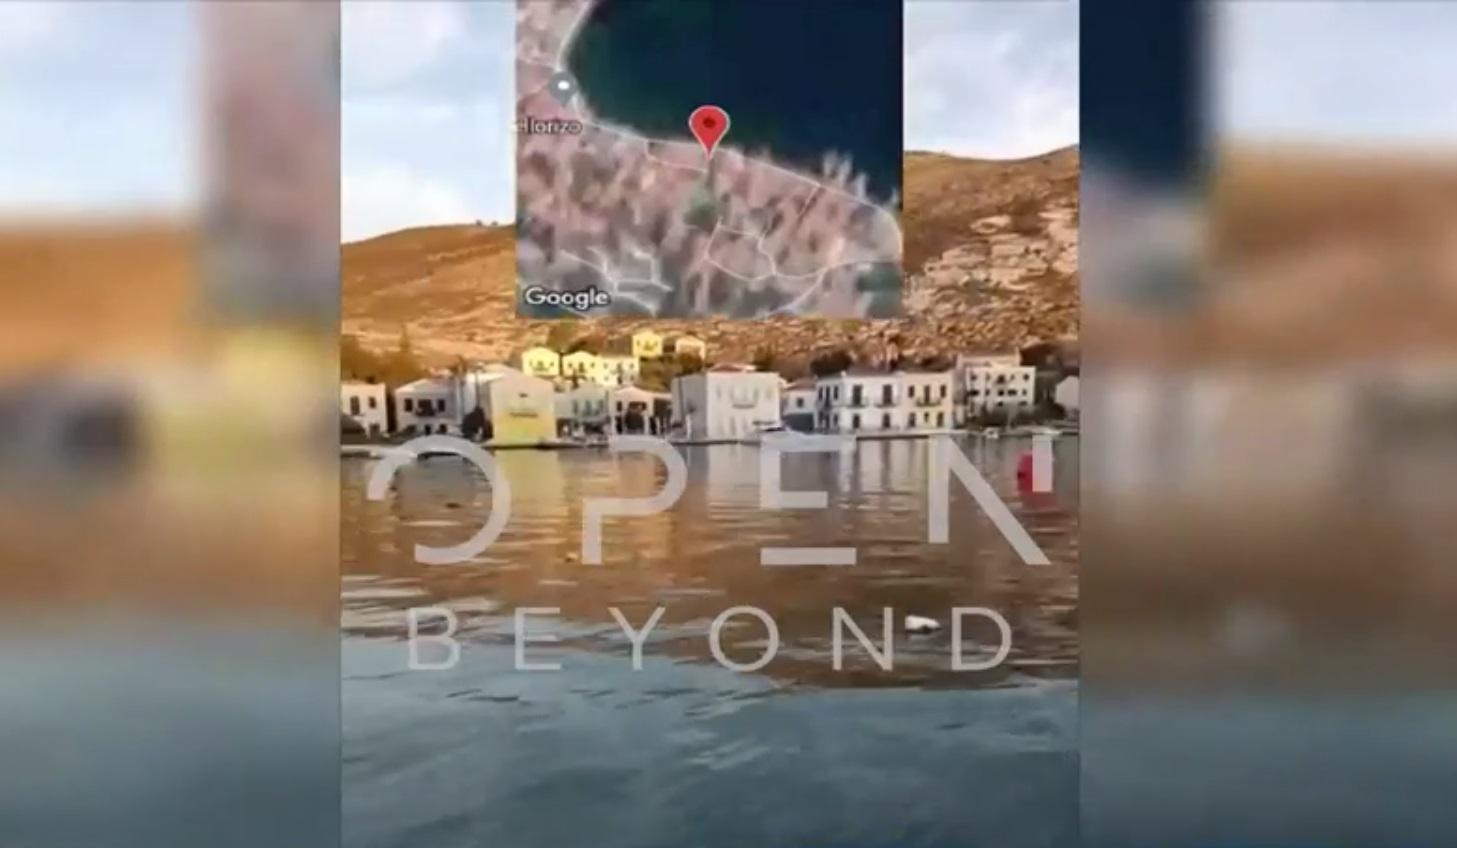 Καστελόριζο: Το βίντεο ντοκουμέντο που τράβηξε ο Τούρκος φυγάς – Τα ερωτήματα για το στίγμα